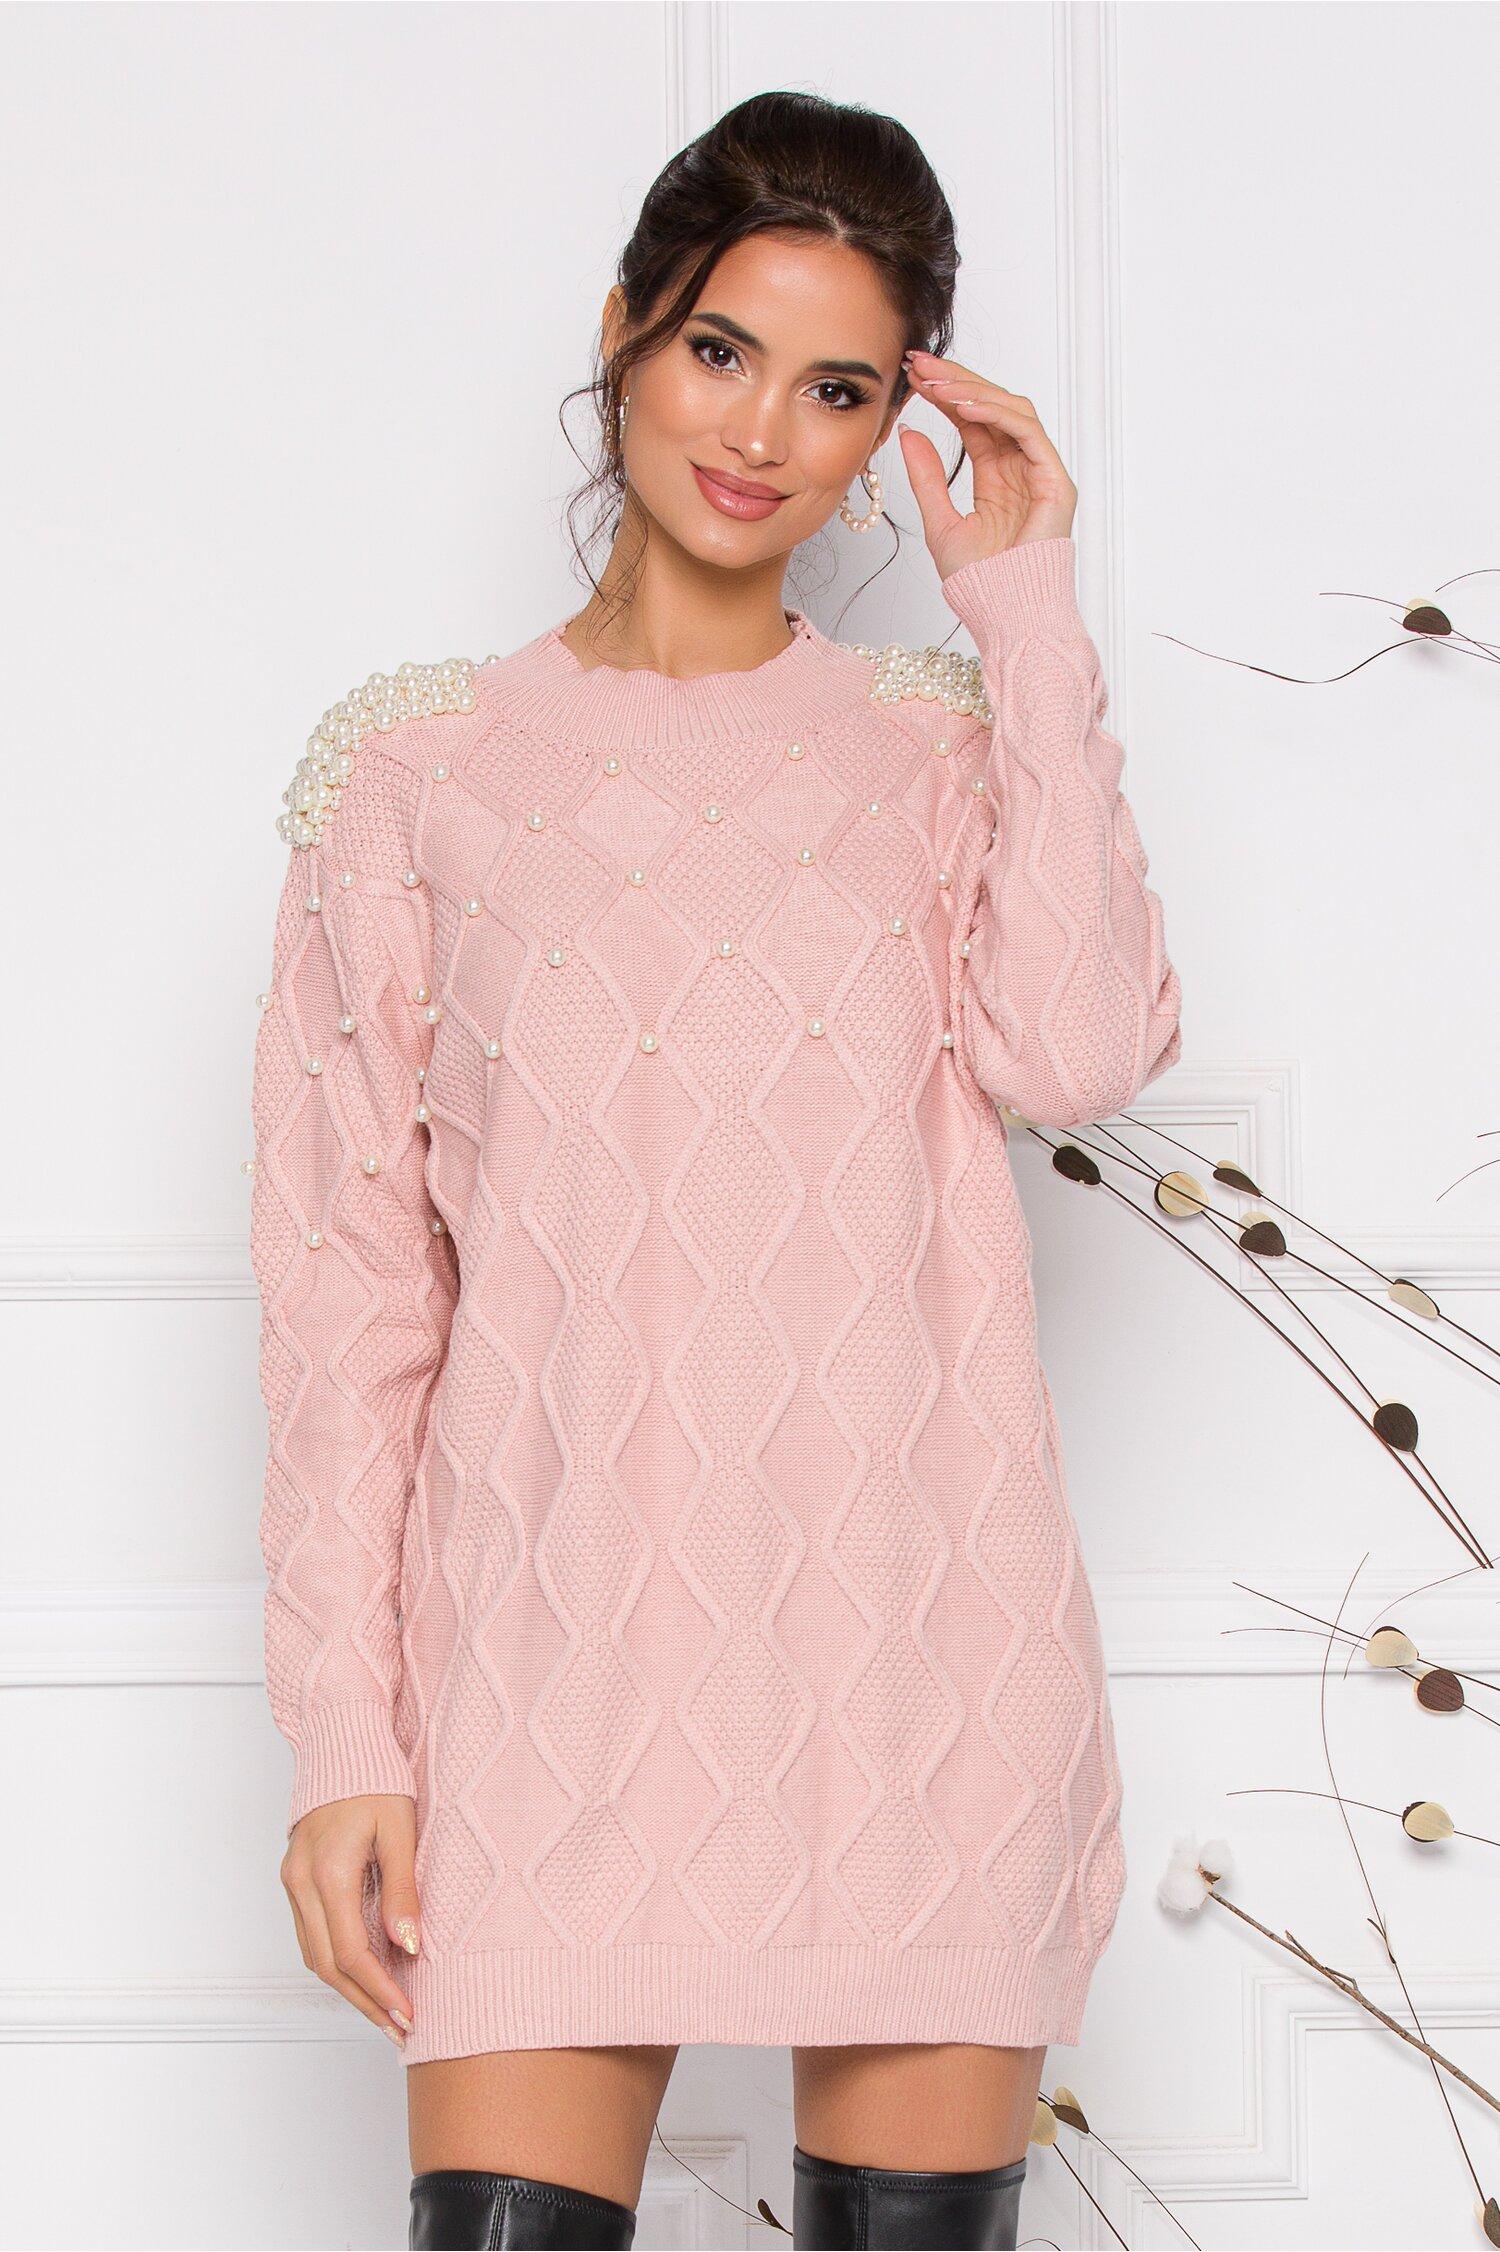 Rochie Pearl roz din tricot accesorizata cu perlute